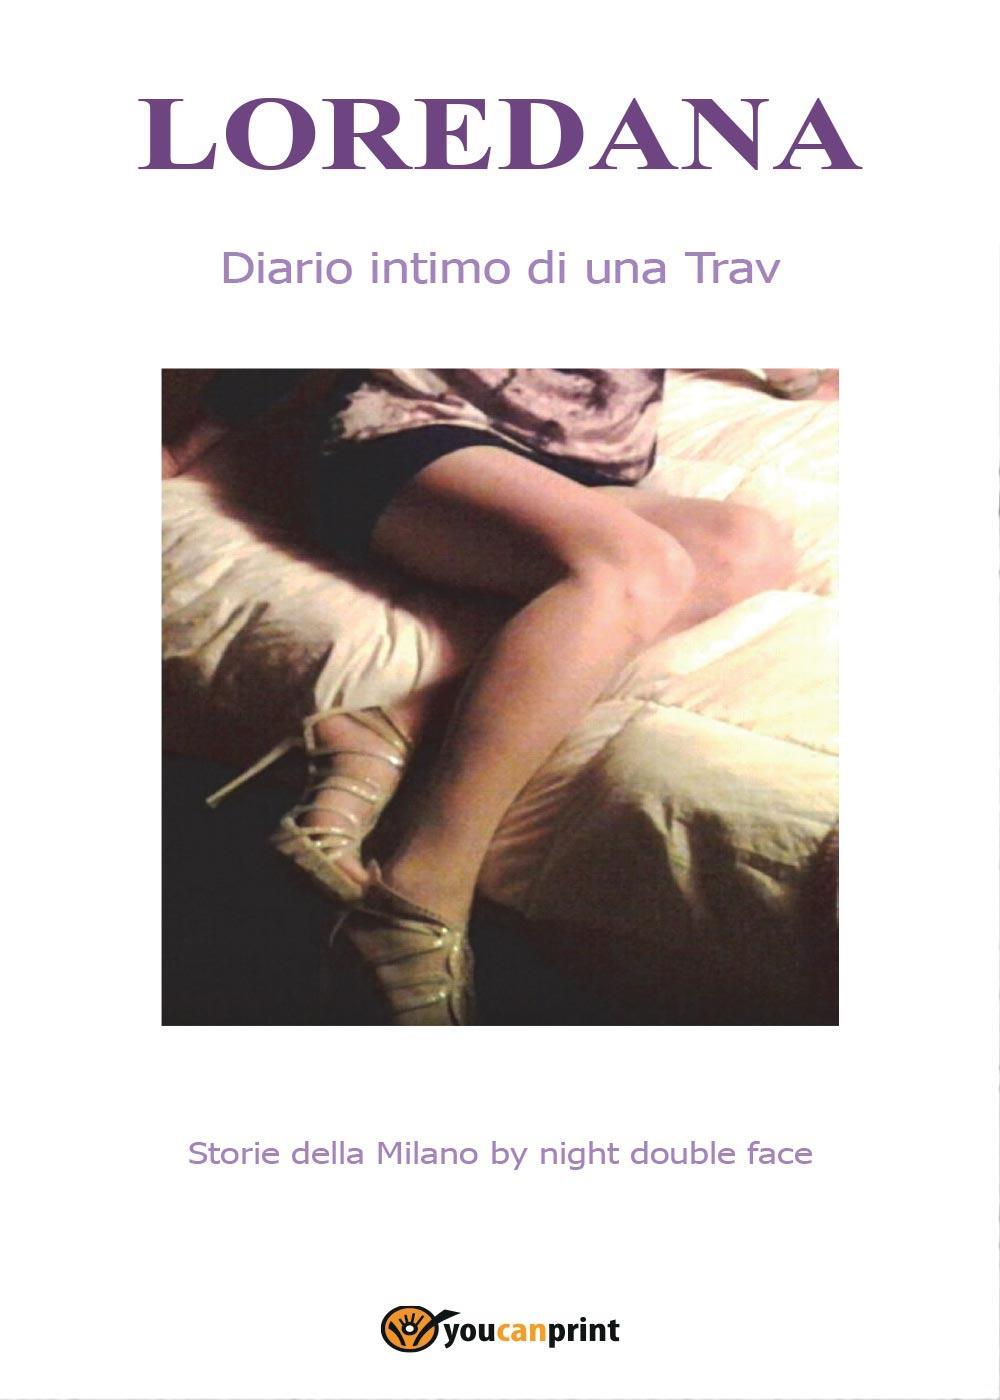 Diario intimo di una Trav